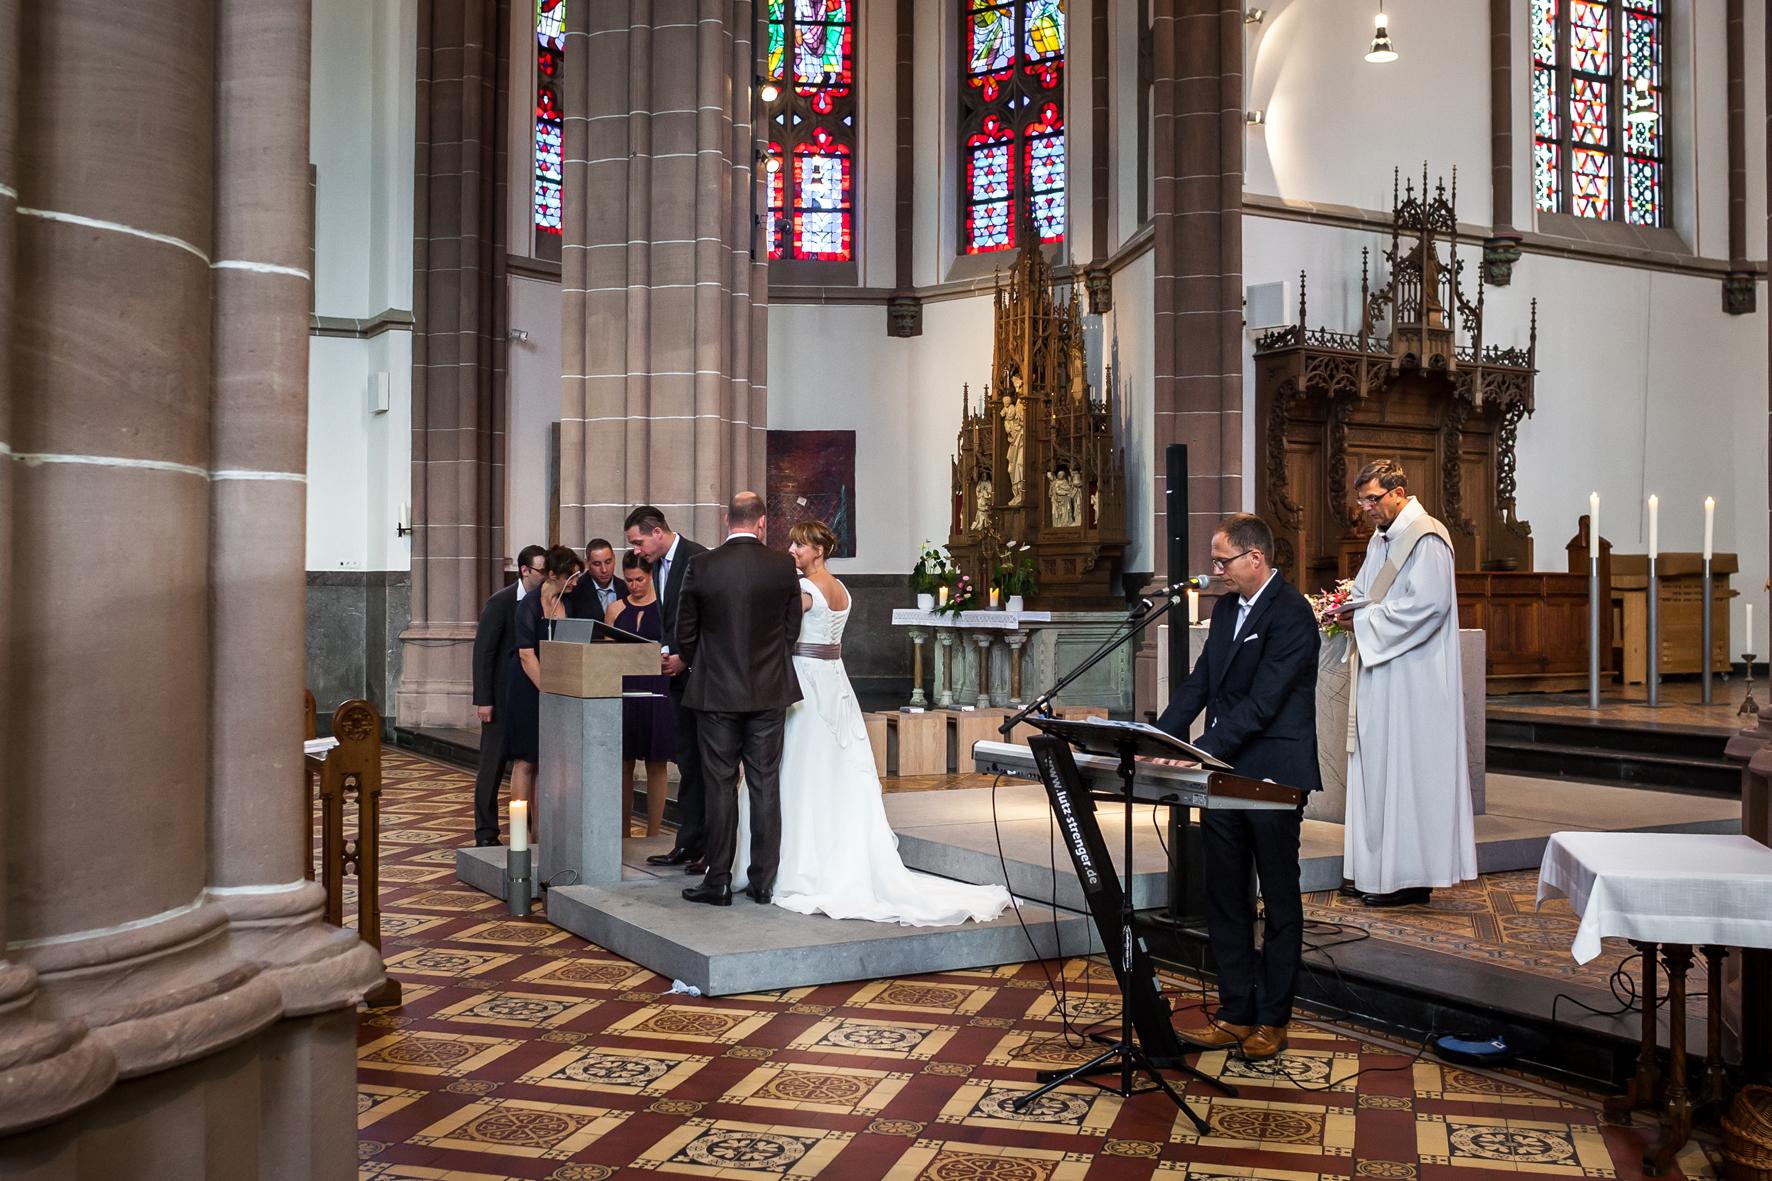 Hochzeitssanger Duo Trauung Musik Hochzeit Kirche Bayern Gitarre